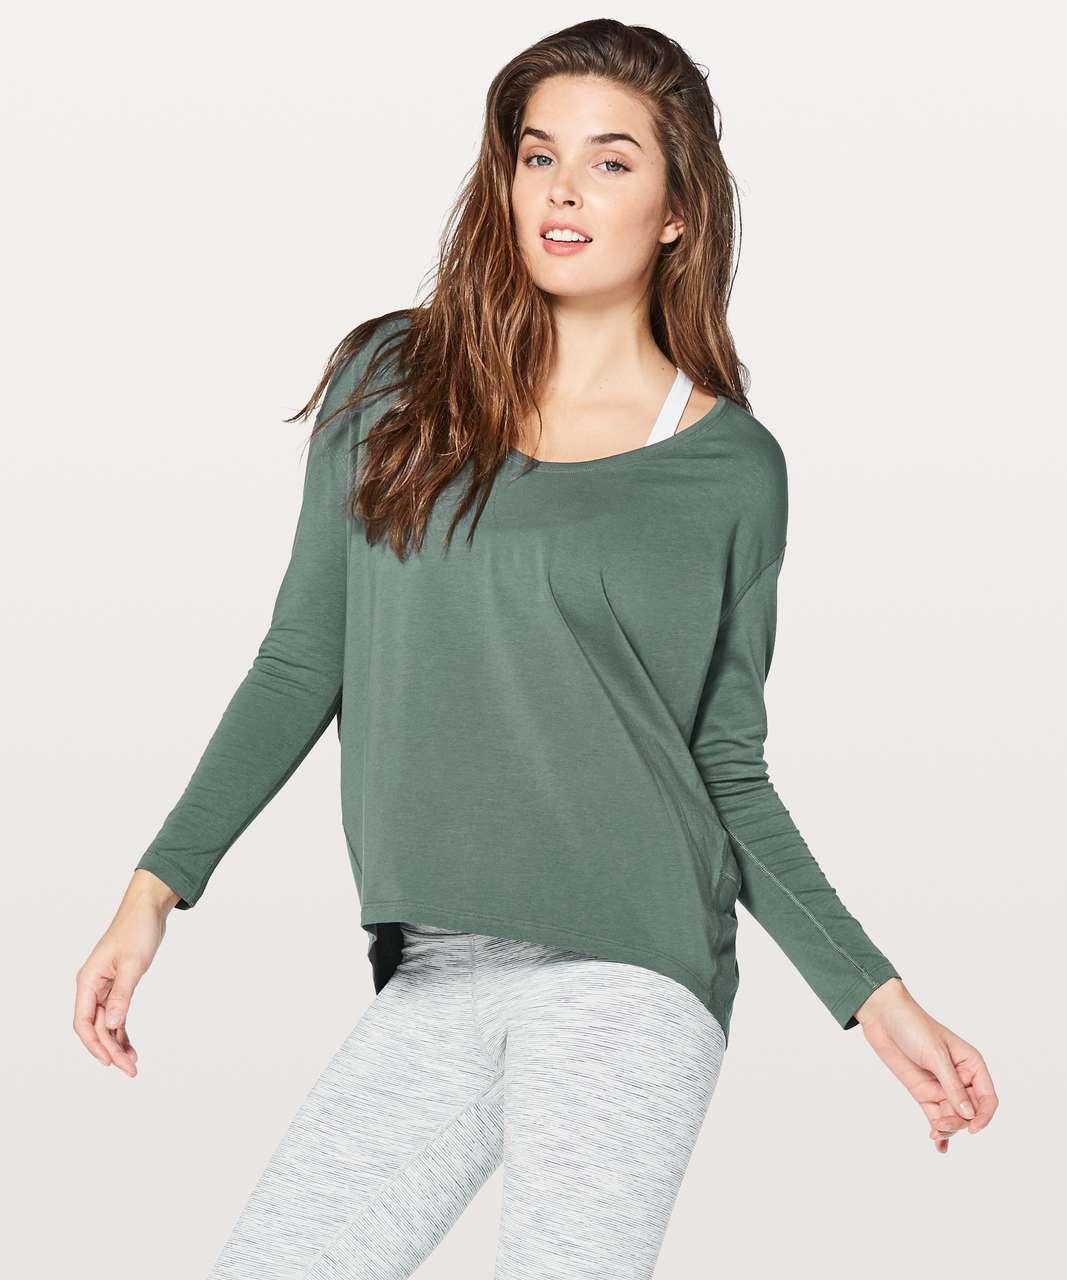 Lululemon Back In Action Long Sleeve V - Graphite Green